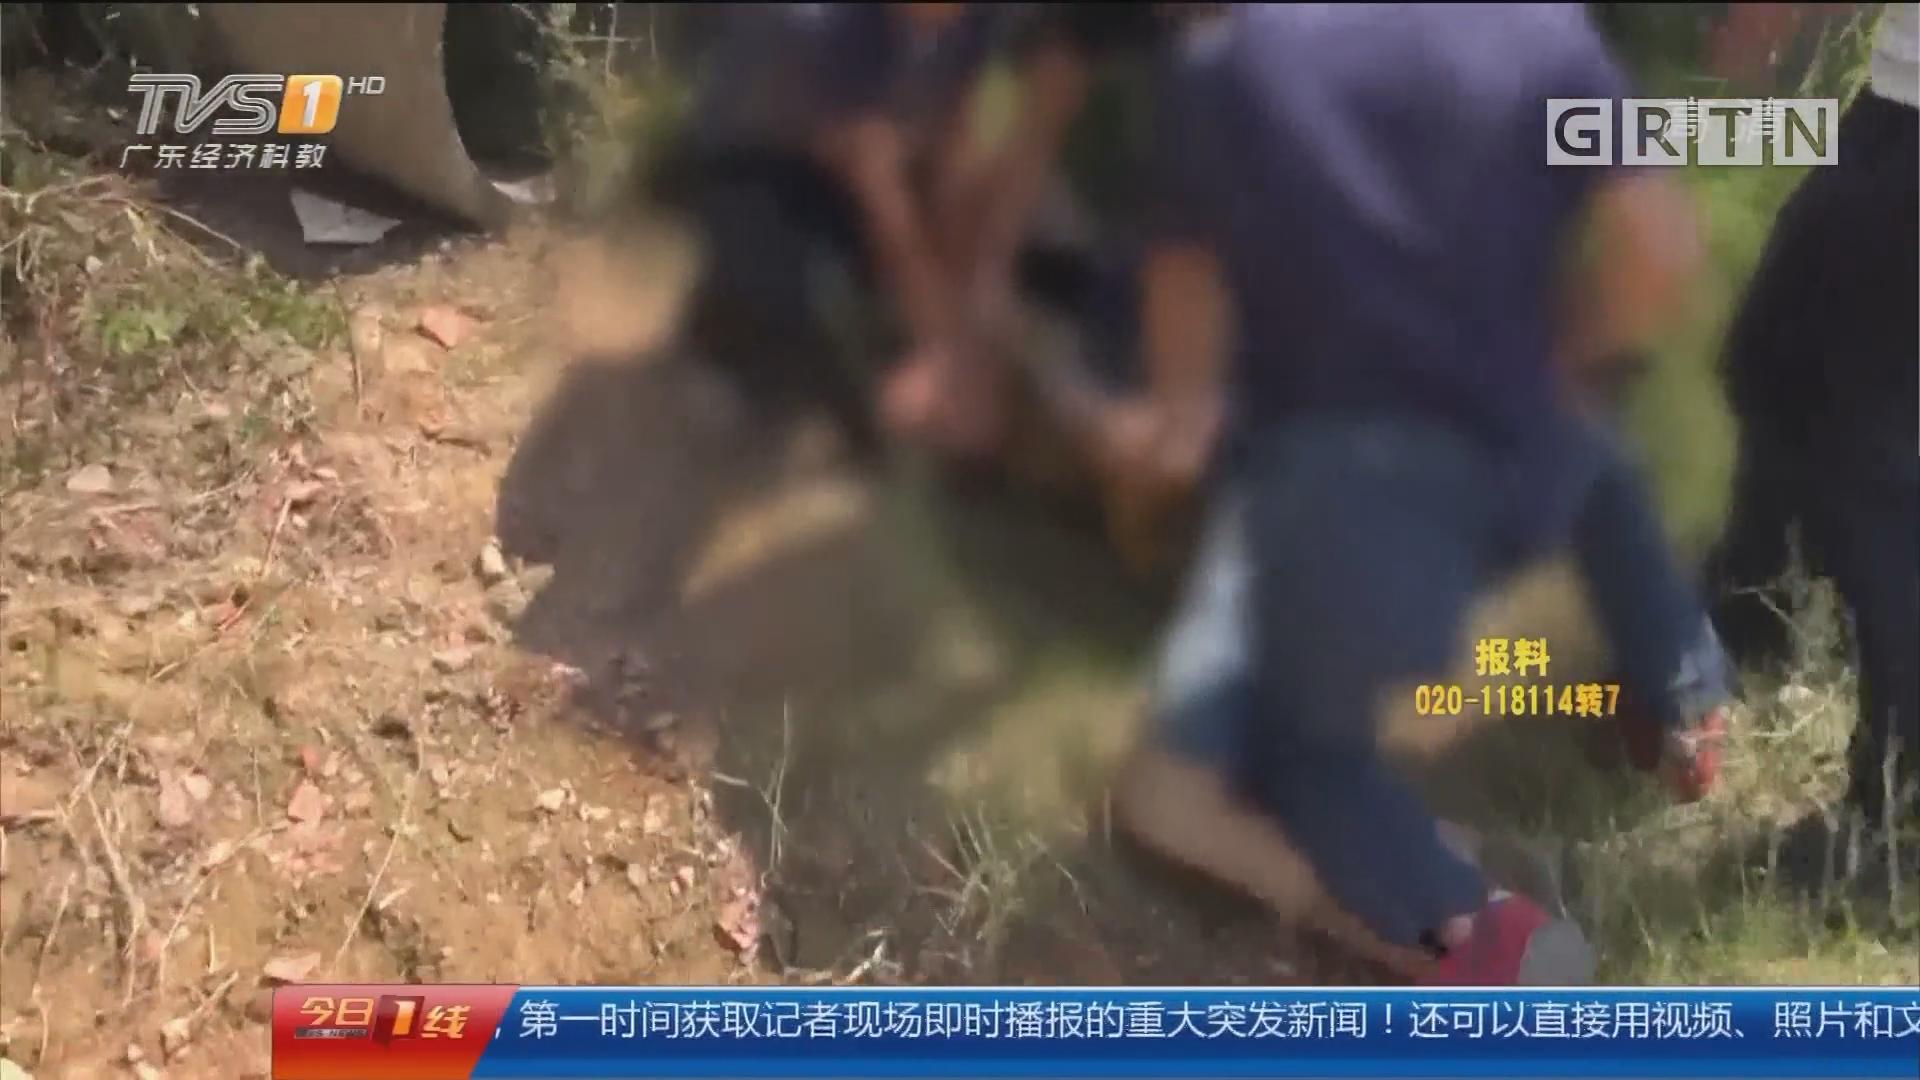 汕尾警方通报陆丰禁毒重点整治情况:警方鸣枪抓捕毒犯 缴获制毒原料1.45吨